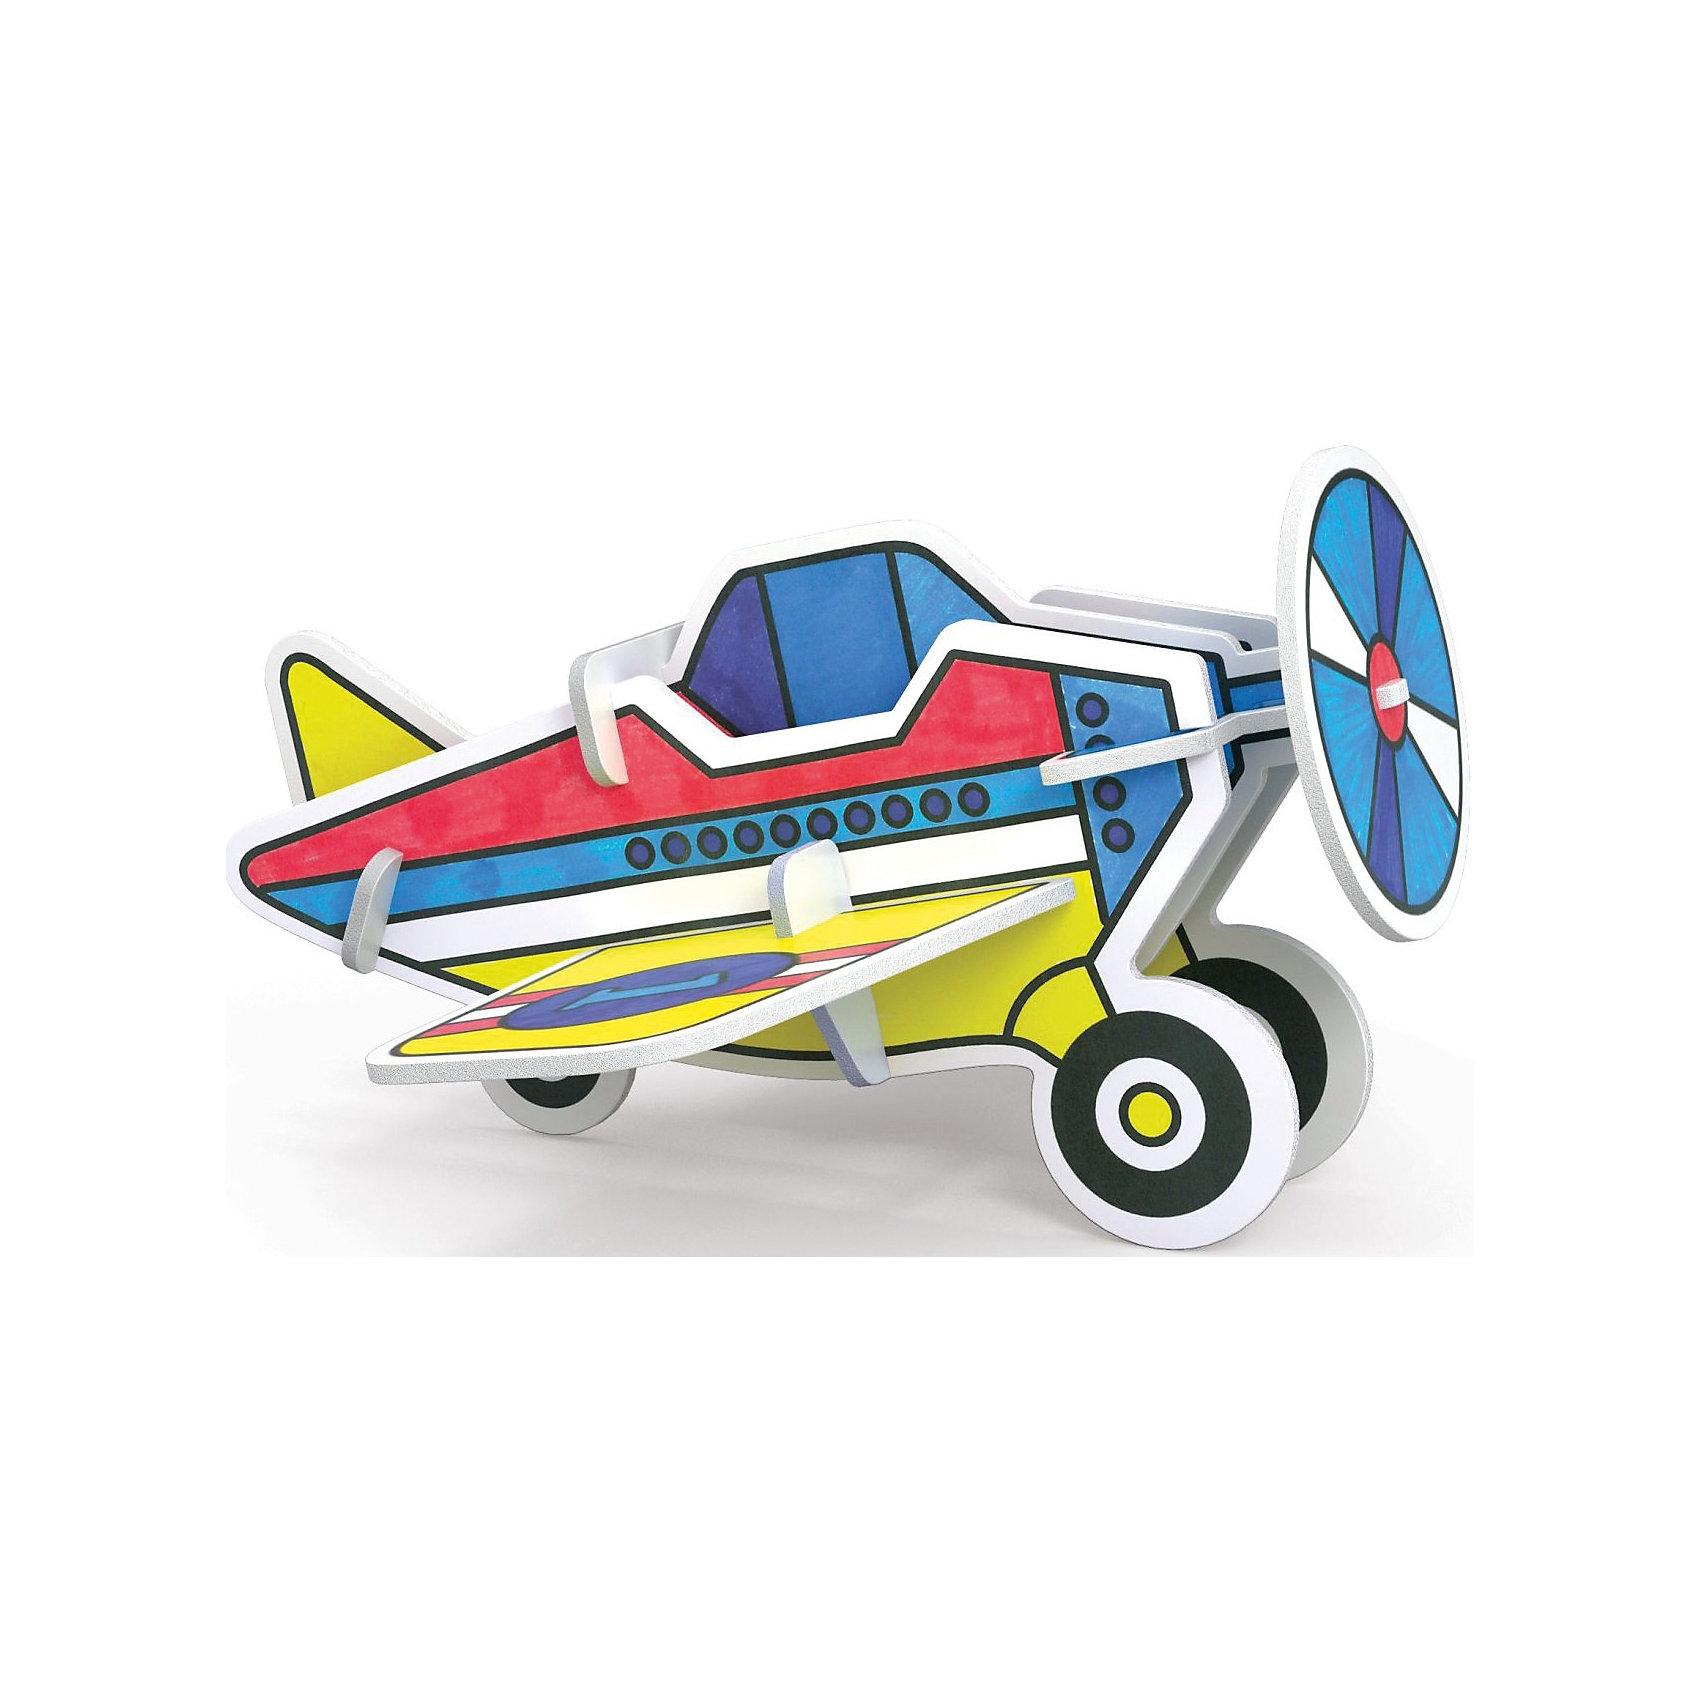 3D Раскраска Самолет, ArtberryНаборы для раскрашивания<br>С помощью набора 3D Раскраска Самолет, Artberry (Артберри) Вашему ребенку предстоит собрать и разукрасить самолет, создав оригинальную самодельную игрушку. Сборка корпуса самолета не потребует клея и ножниц. Творческий процесс развивает усидчивость, моторику пальцев, терпение, трудолюбие и творческие способности.<br><br>Комплектация: 6 разноцветных фломастеров, 2 карты с фигурами для сборки<br><br>Дополнительная информация:<br>-Вес в упаковке: 243 г<br>-Размеры в упаковке: 300х230х25 мм<br>-Материалы: картон, пластмасса, чернила<br><br>Такой творческий набор станет отличным подарком, который доставит настоящую радость детям и откроет новые возможности для развития творческих способностей Вашего ребенка!<br><br>3D Раскраска Самолет, Artberry (Артберри) можно купить в нашем магазине.<br><br>Ширина мм: 300<br>Глубина мм: 230<br>Высота мм: 25<br>Вес г: 243<br>Возраст от месяцев: 36<br>Возраст до месяцев: 144<br>Пол: Унисекс<br>Возраст: Детский<br>SKU: 4058309